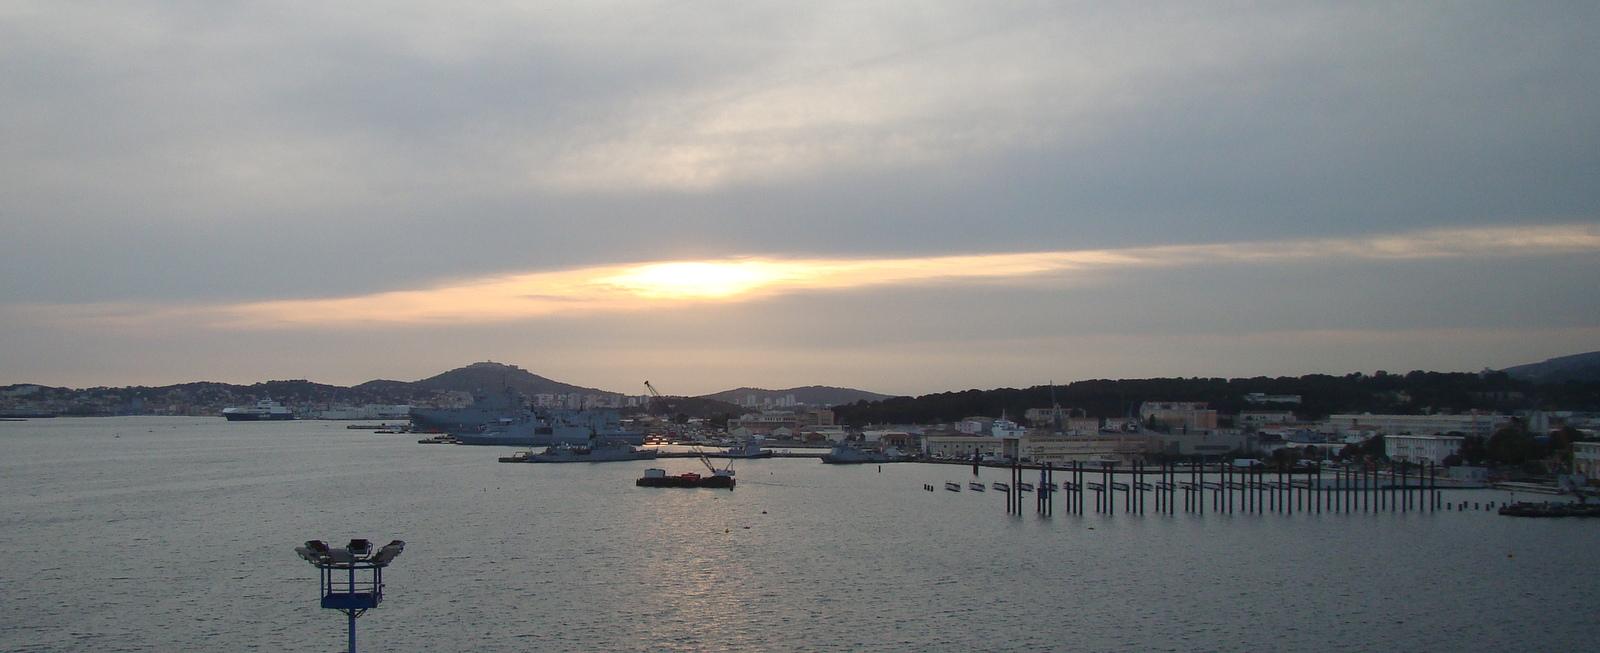 [Les Ports Militaires de Métropole] Visite de la rade de Toulon - Page 11 489290DSC05736001